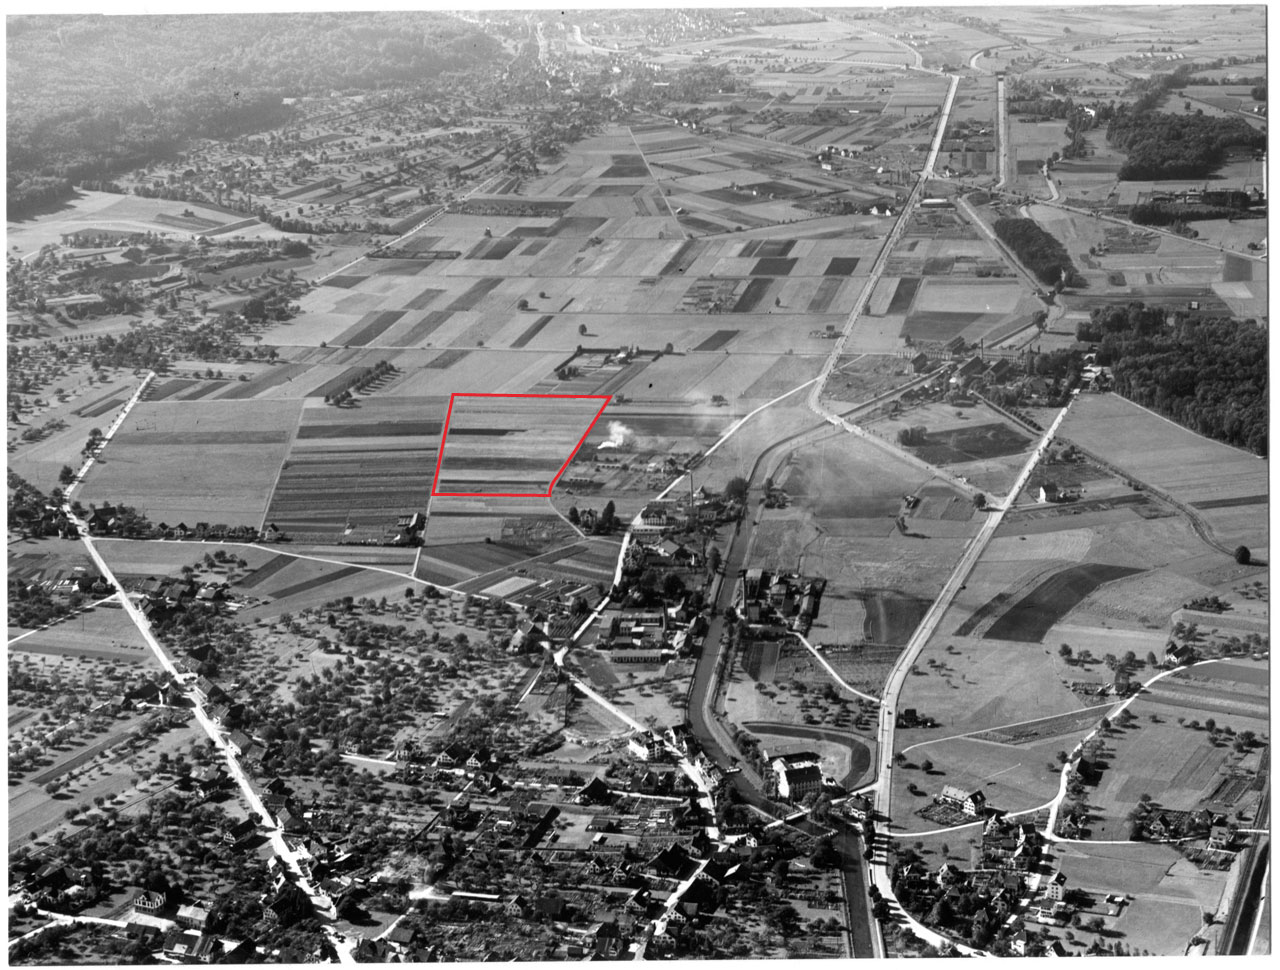 Beerstecher AG Luftaufnahme 1946